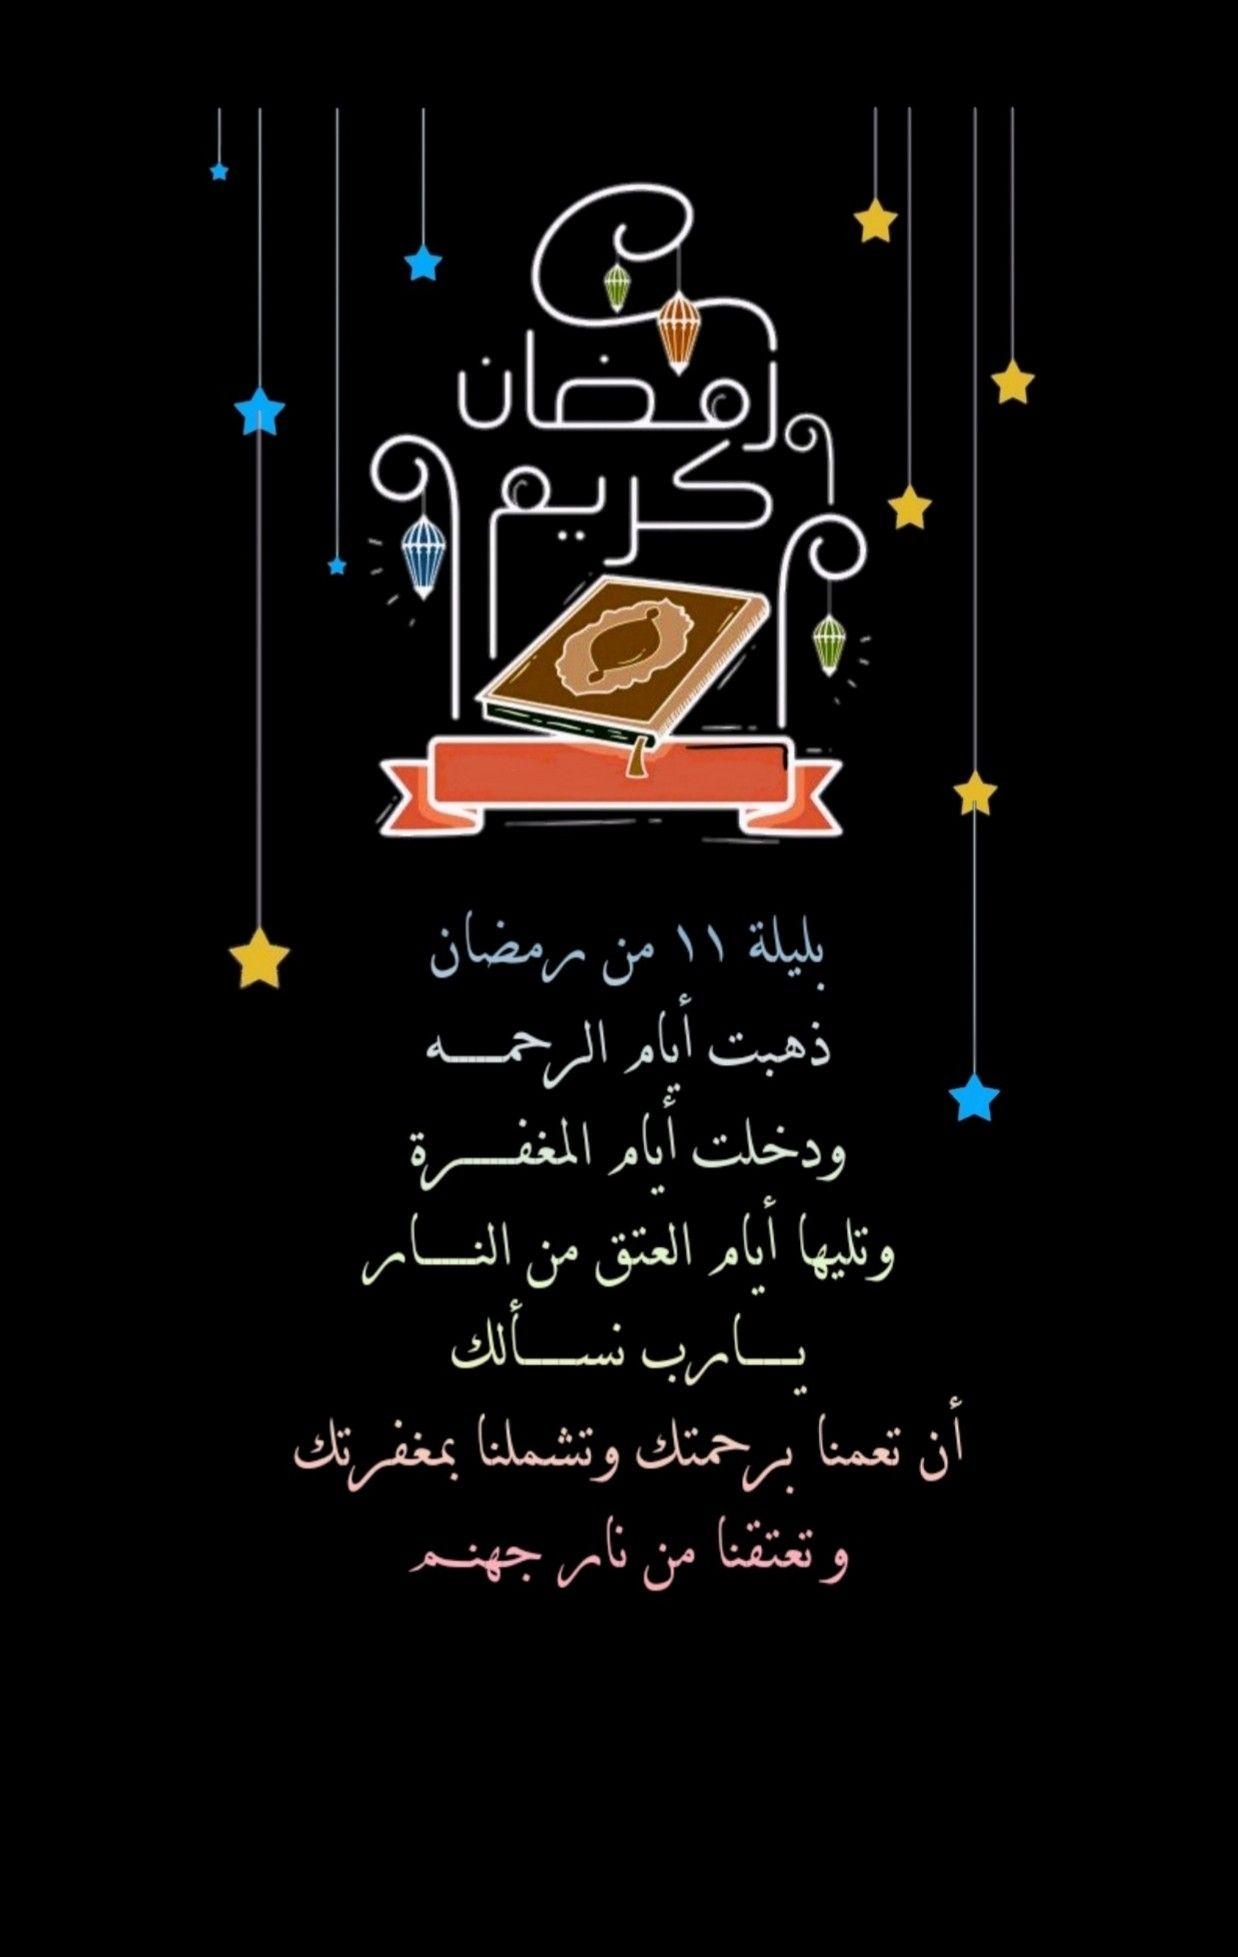 بليلة ١١ من رمضان ذهبت أيام الرحمــــــة ودخلت أيام المغفــــــرة وتليها أيام العتق من النــــــار يــــــارب Ramadan Prayer Ramadan Greetings Ramadan Poster